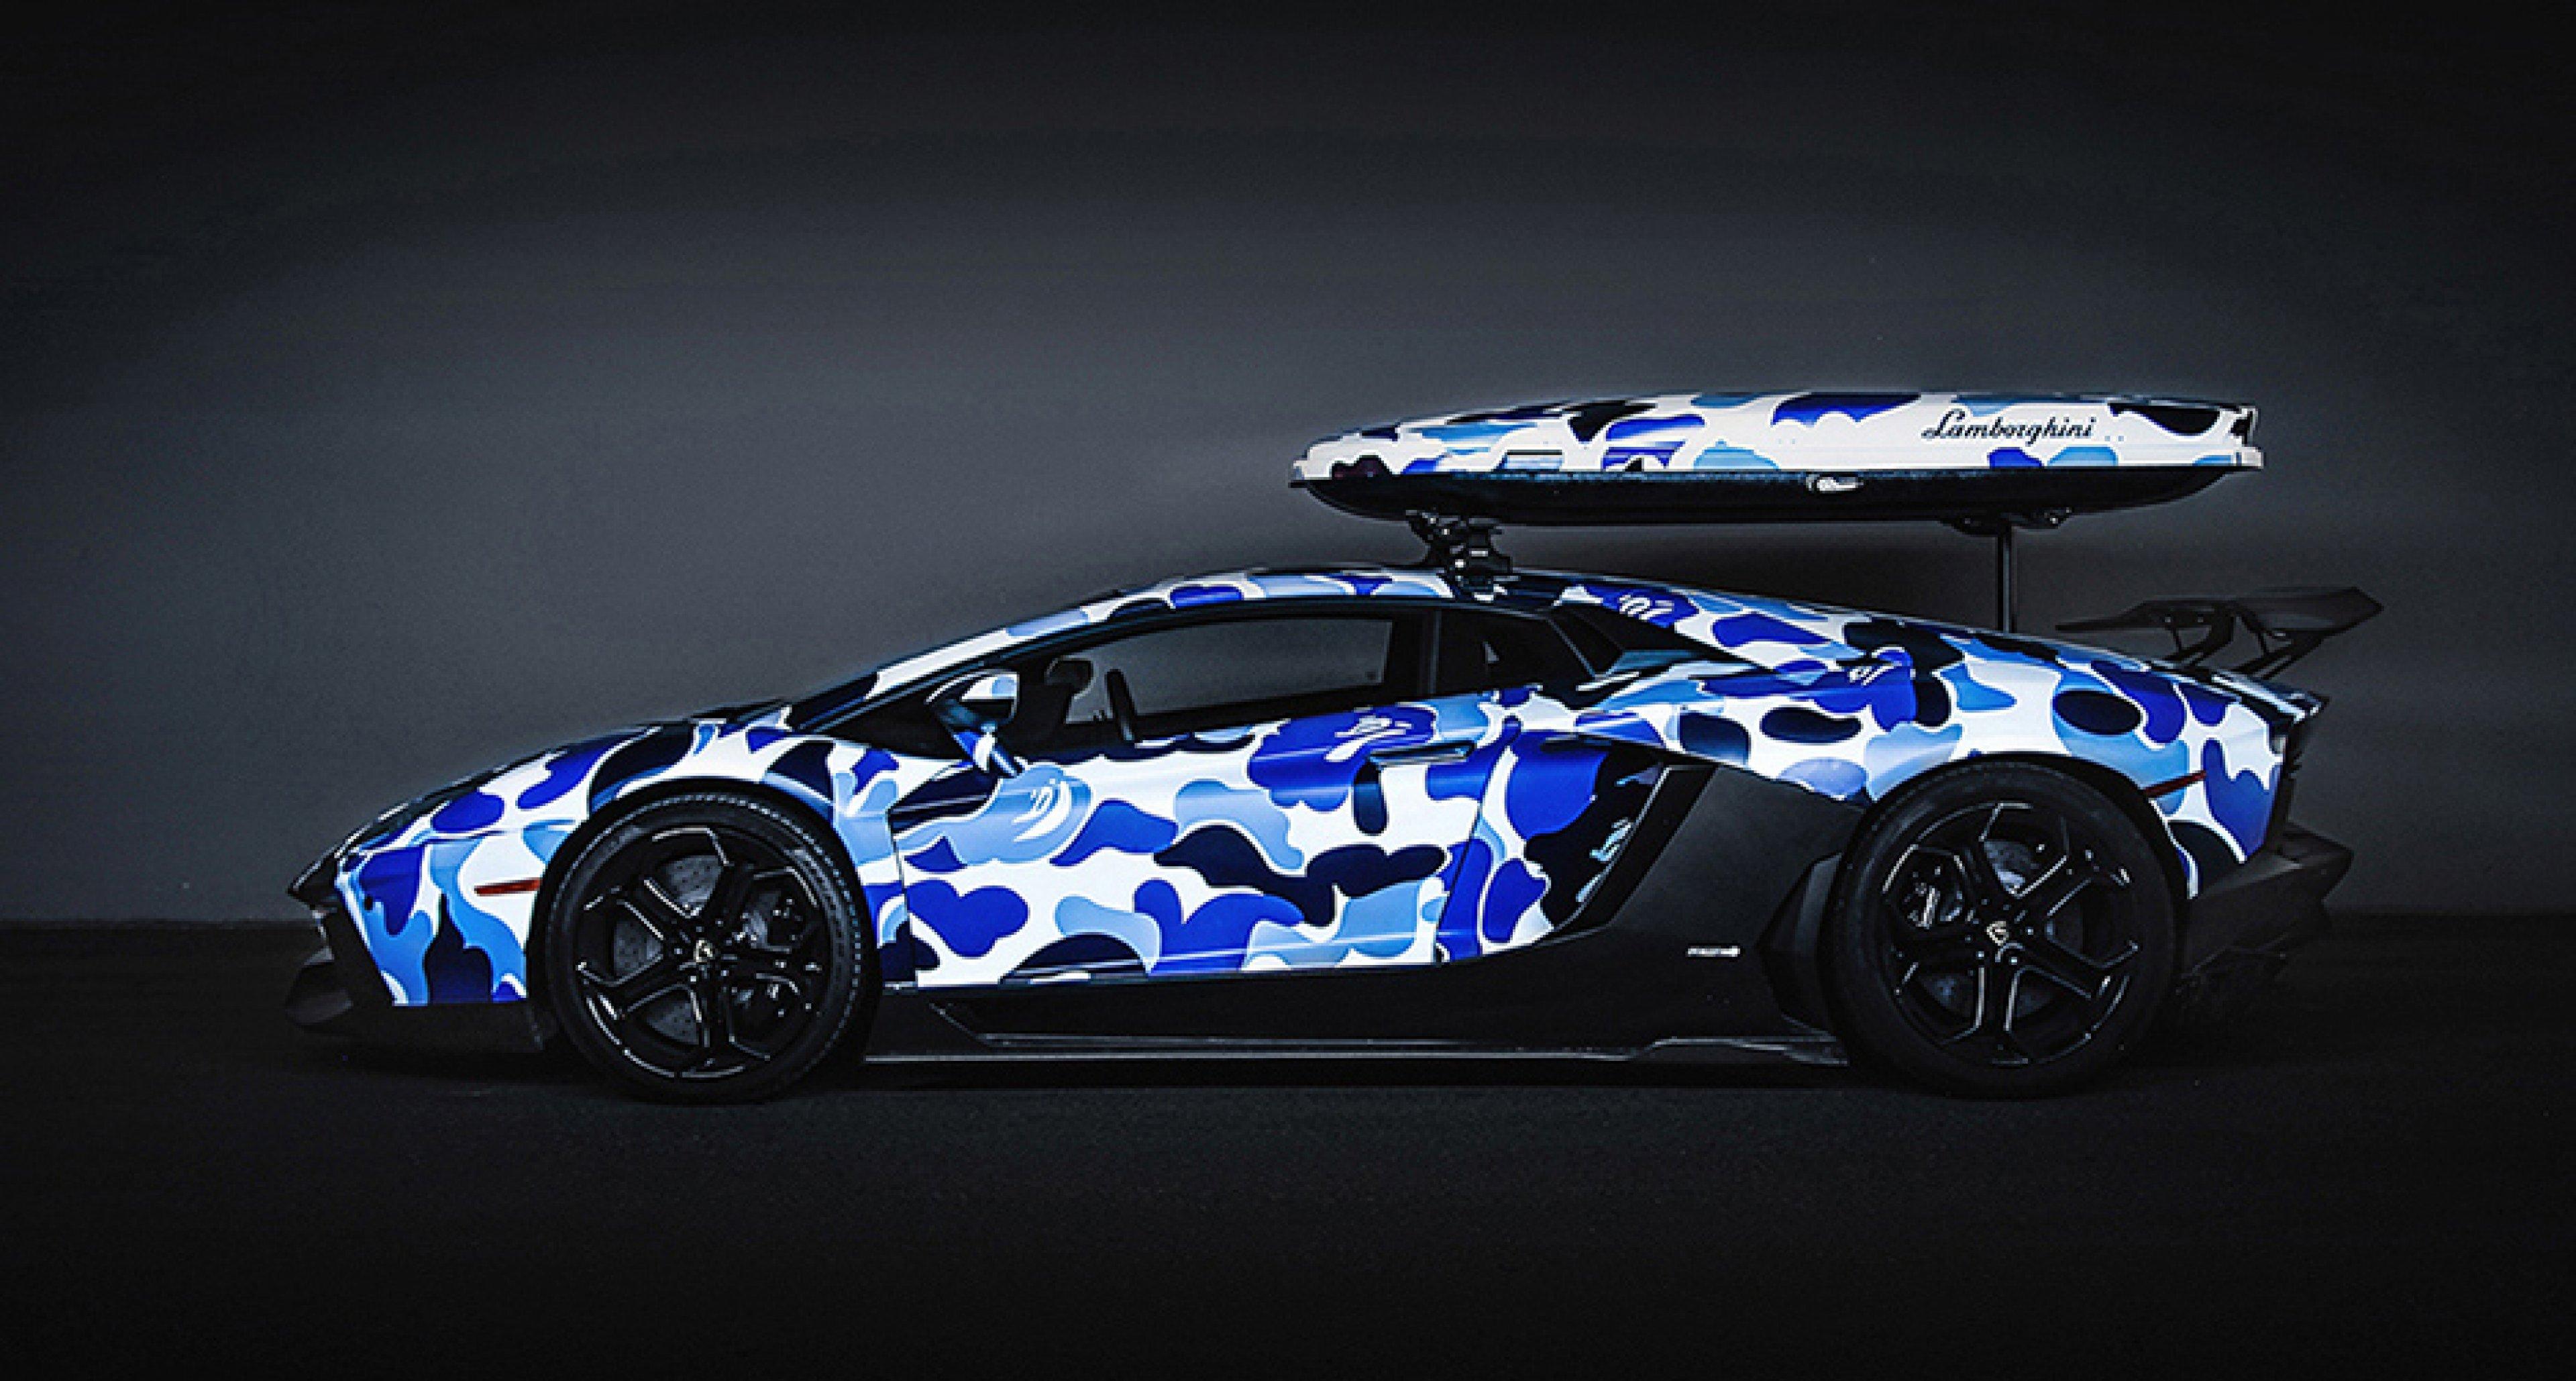 Arktischer Sturm Bape Lamborghini Aventador Arctic Camo